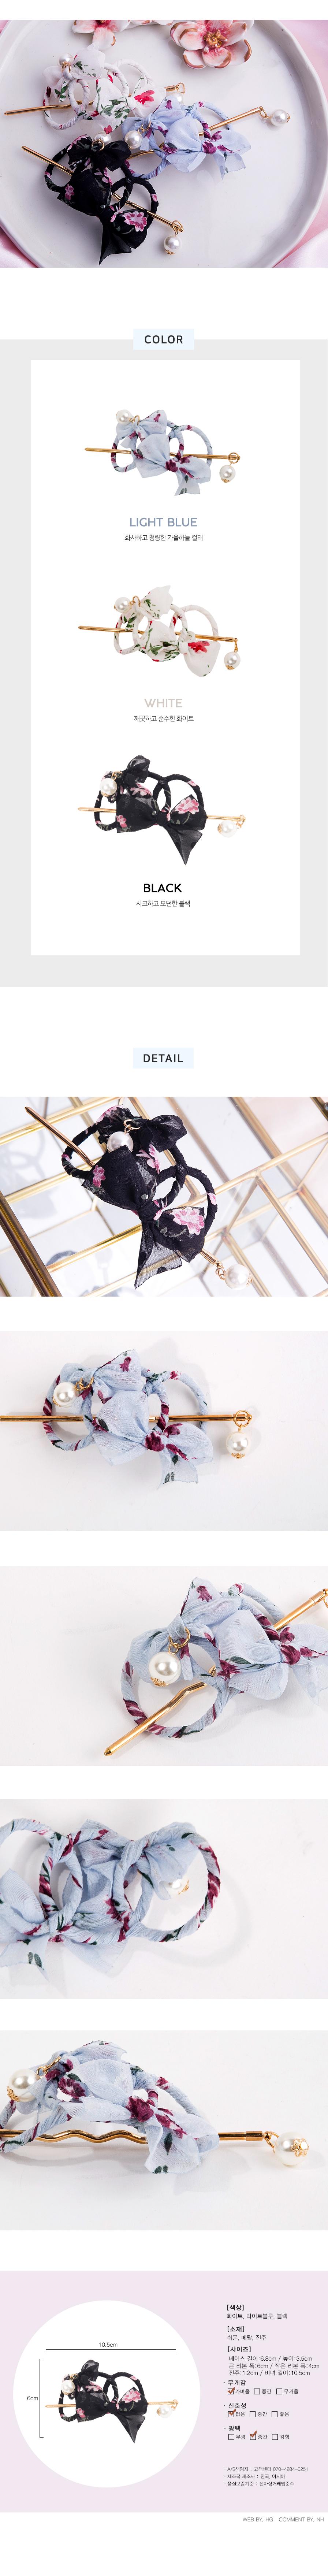 더블 리본 진주 올림머리 비녀 - 아르뉴, 15,000원, 헤어핀/밴드/끈, 헤어핀/끈